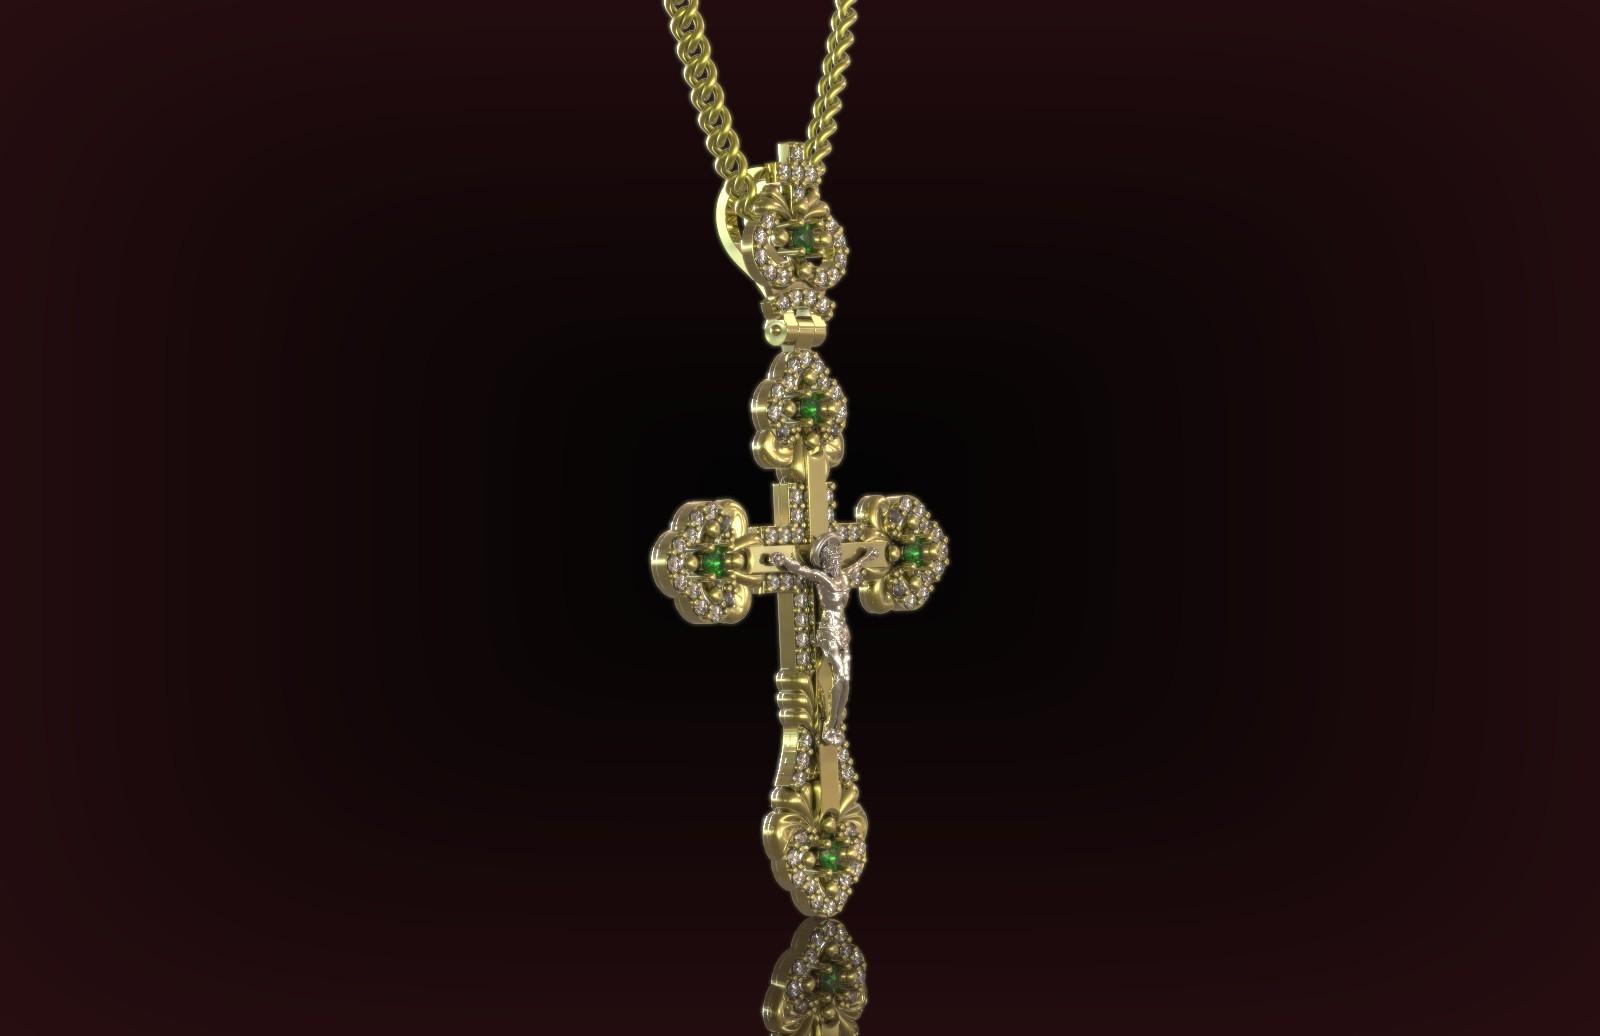 3д моделирование православного крестика